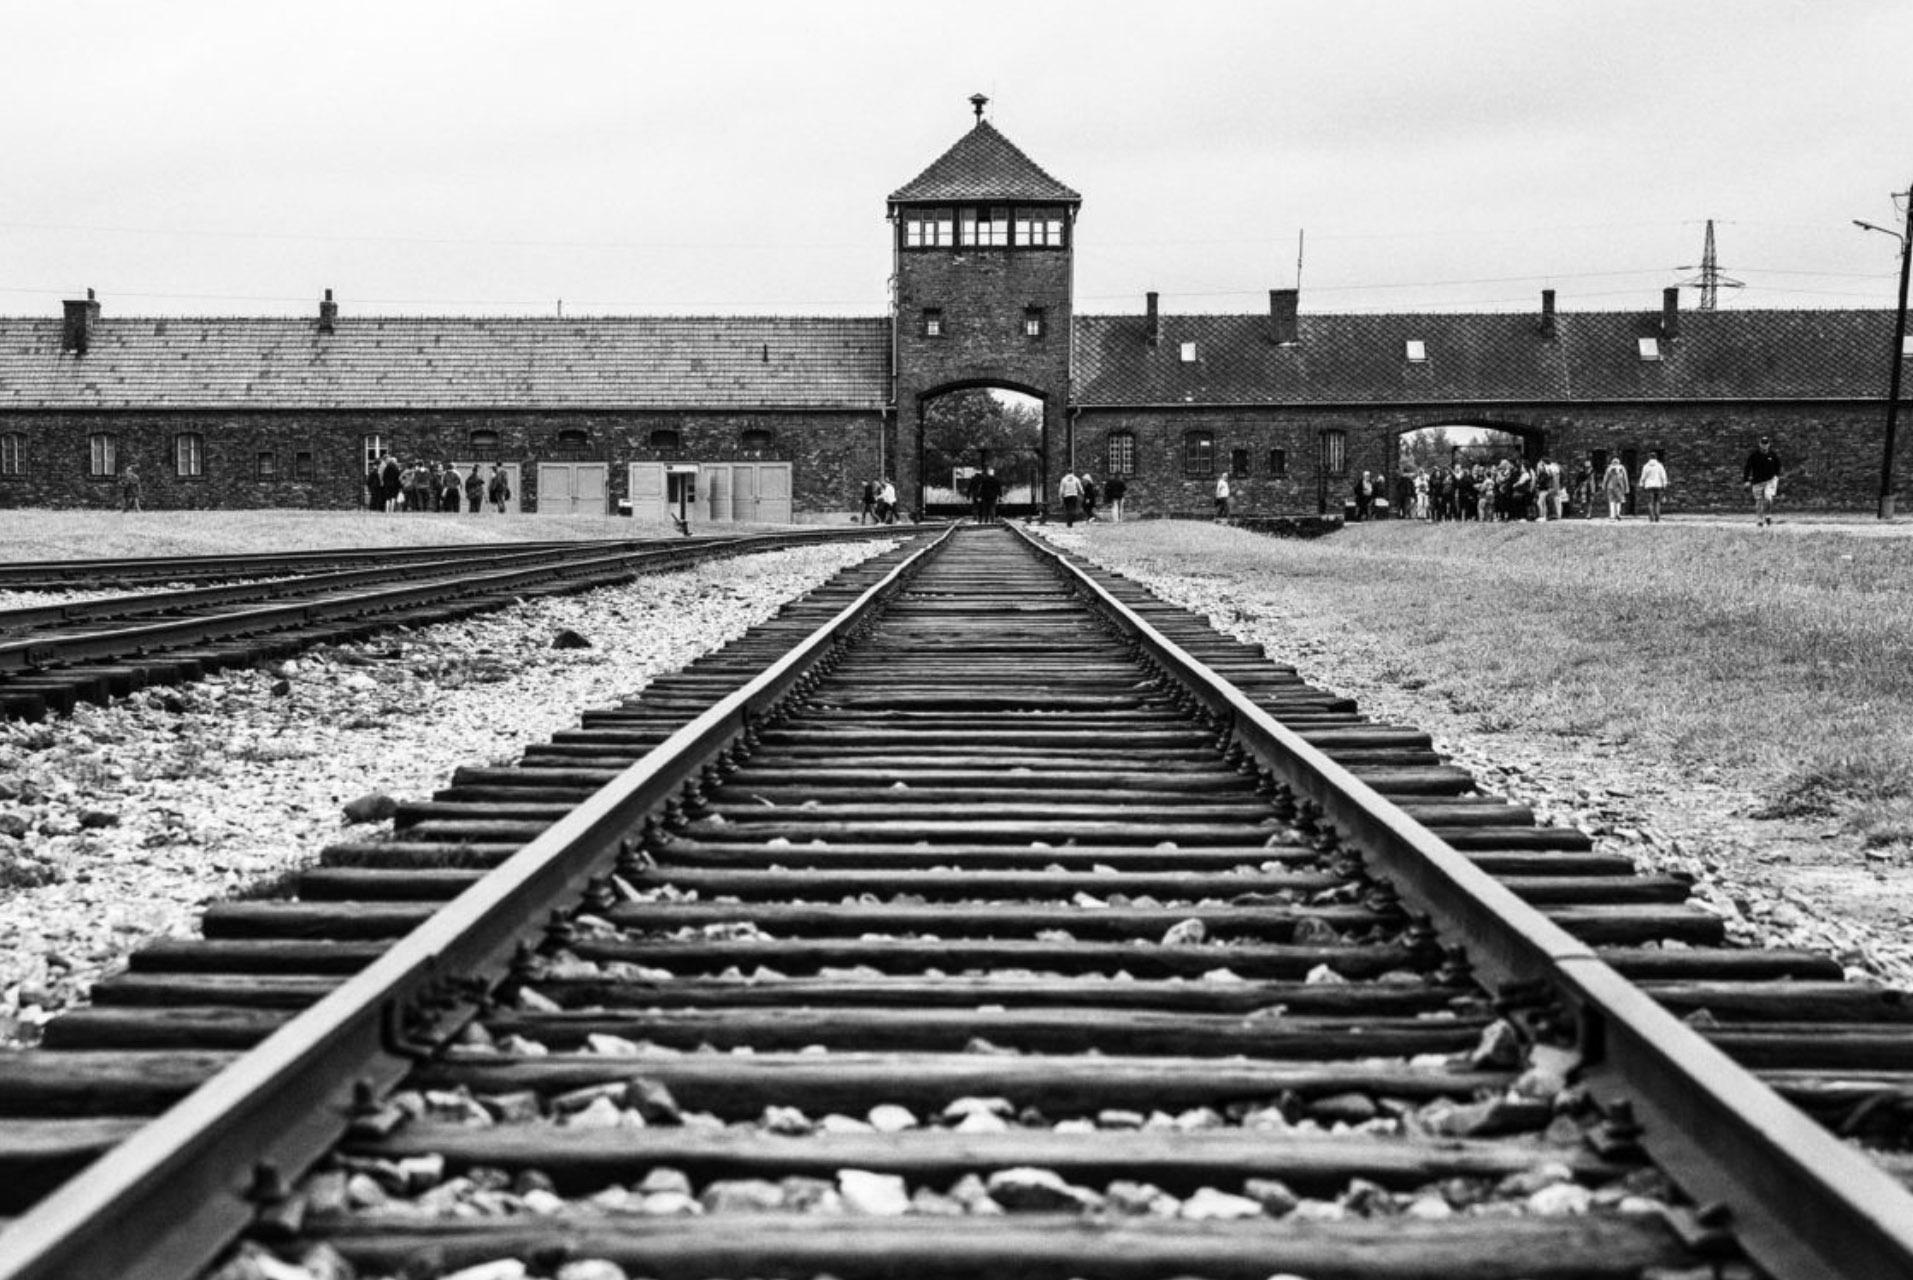 اردوگاه آشویتس - محلی که در آن هزاران نفر کشته شدند.